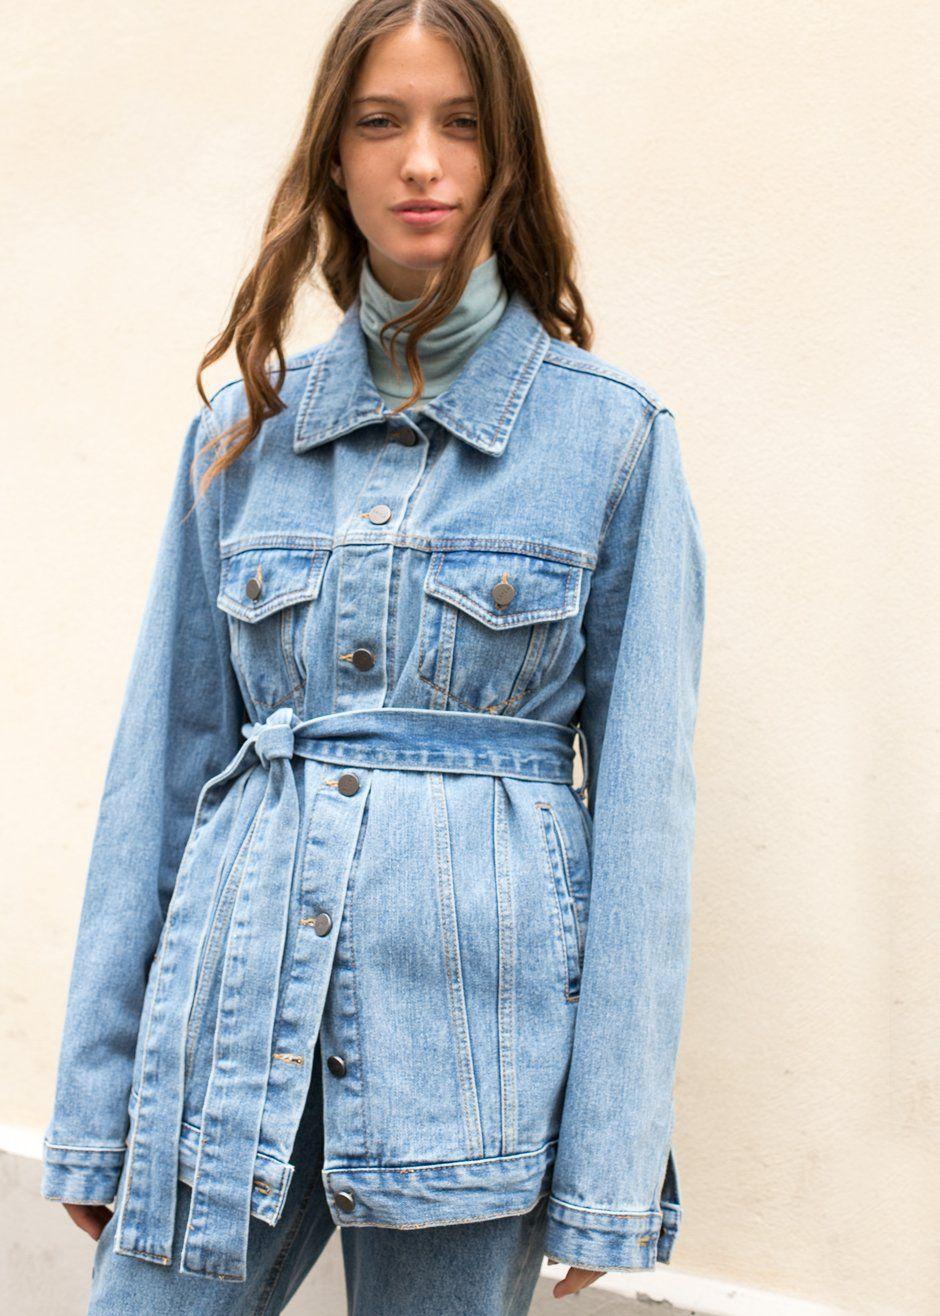 Long Blue Denim Belted Jacket The Frankie Shop Denim Jacket Trend Jacket Outfit Women Long Denim Jacket [ 1316 x 940 Pixel ]